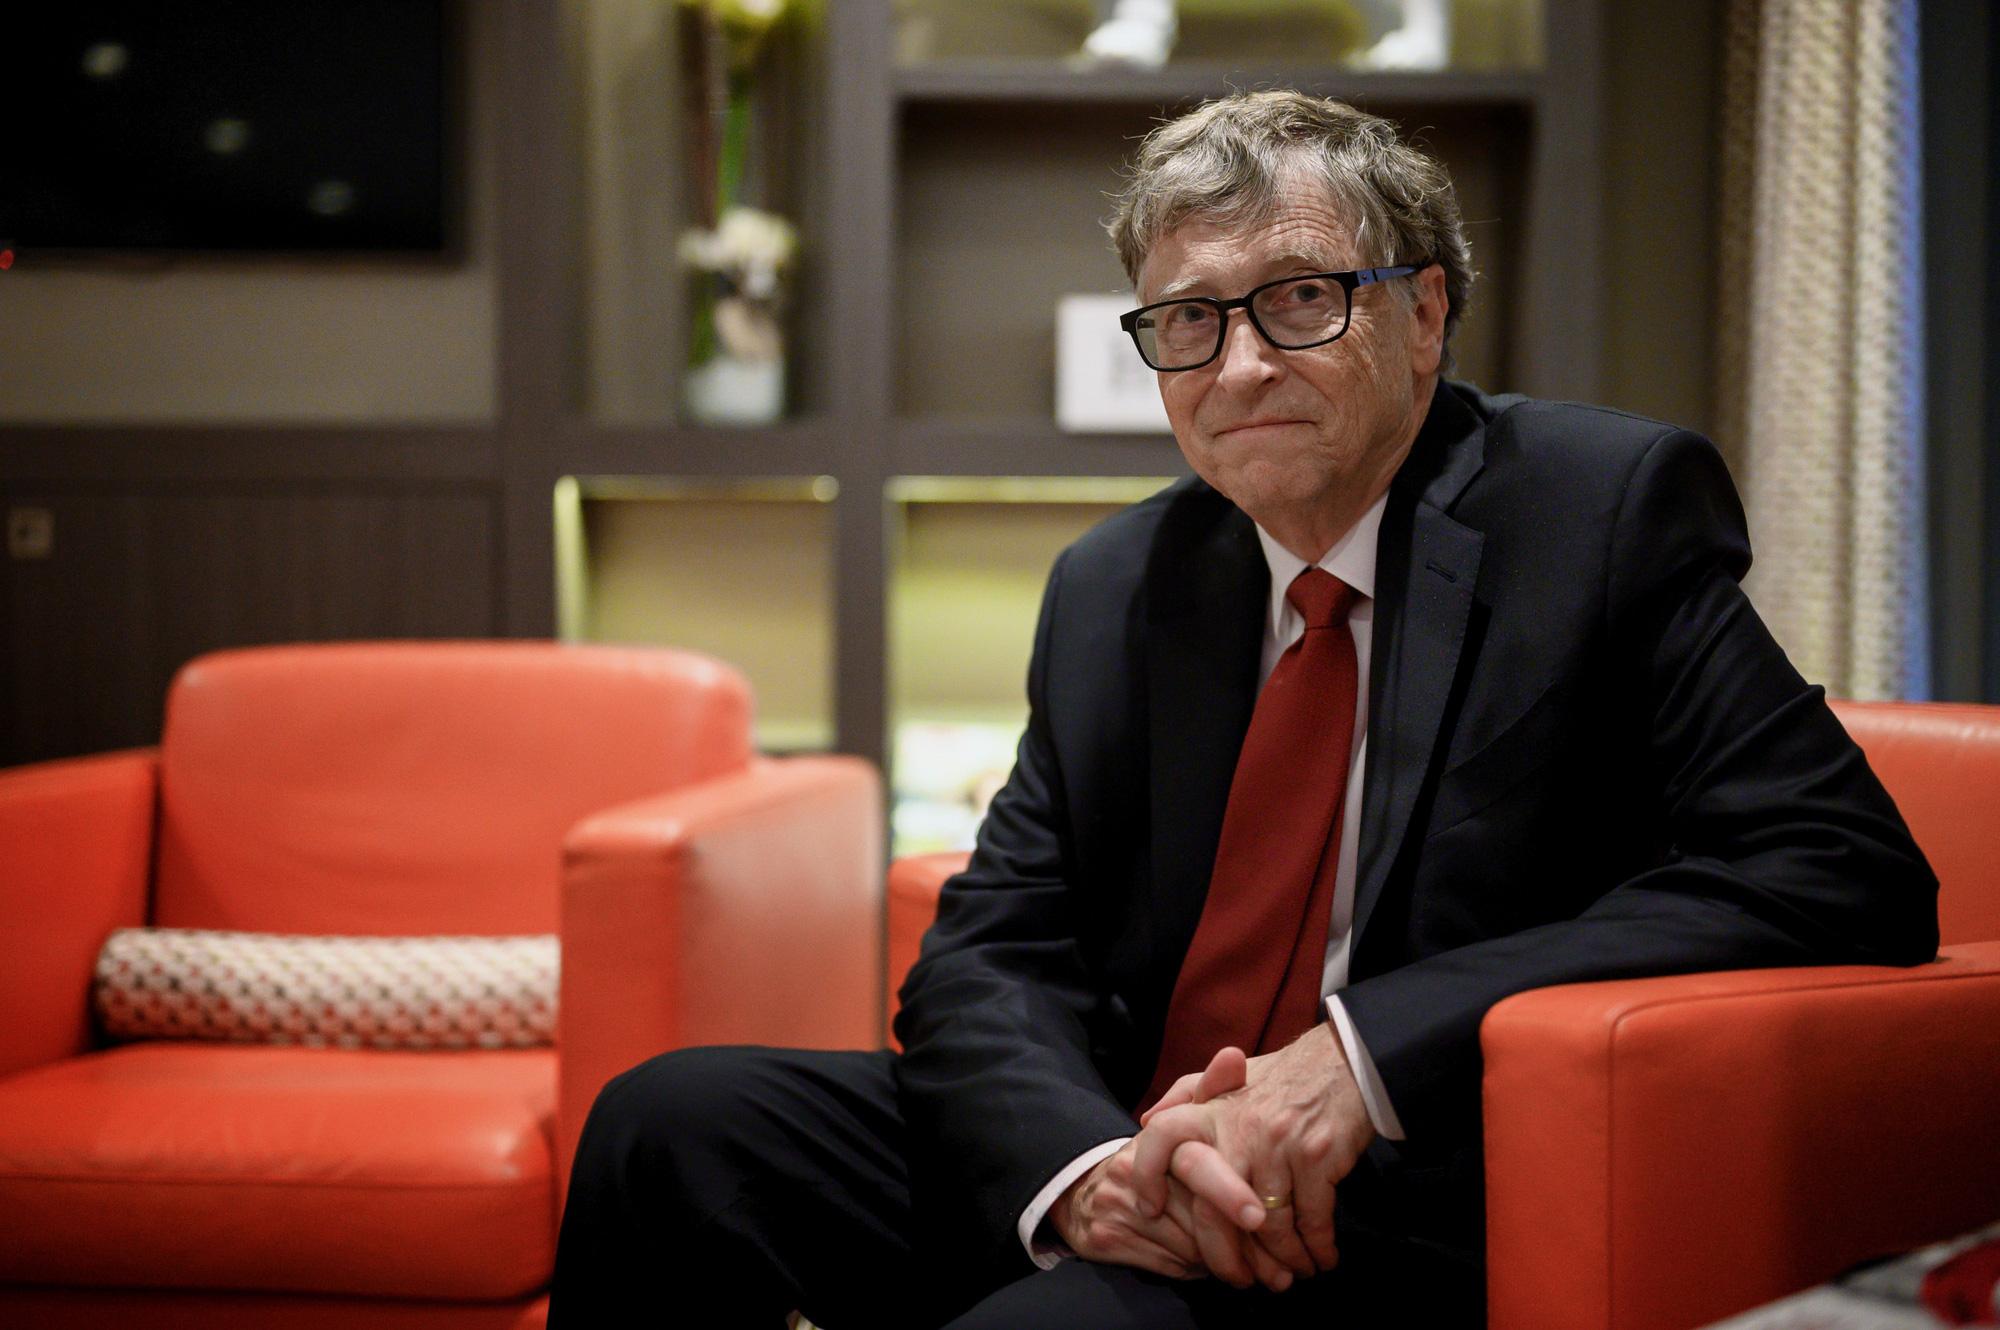 Ngày này 15 năm trước: Bill Gates dự đoán chính xác cái chết của iPod, nhưng không thể ngờ thủ phạm lại chính là iPhone - Ảnh 1.